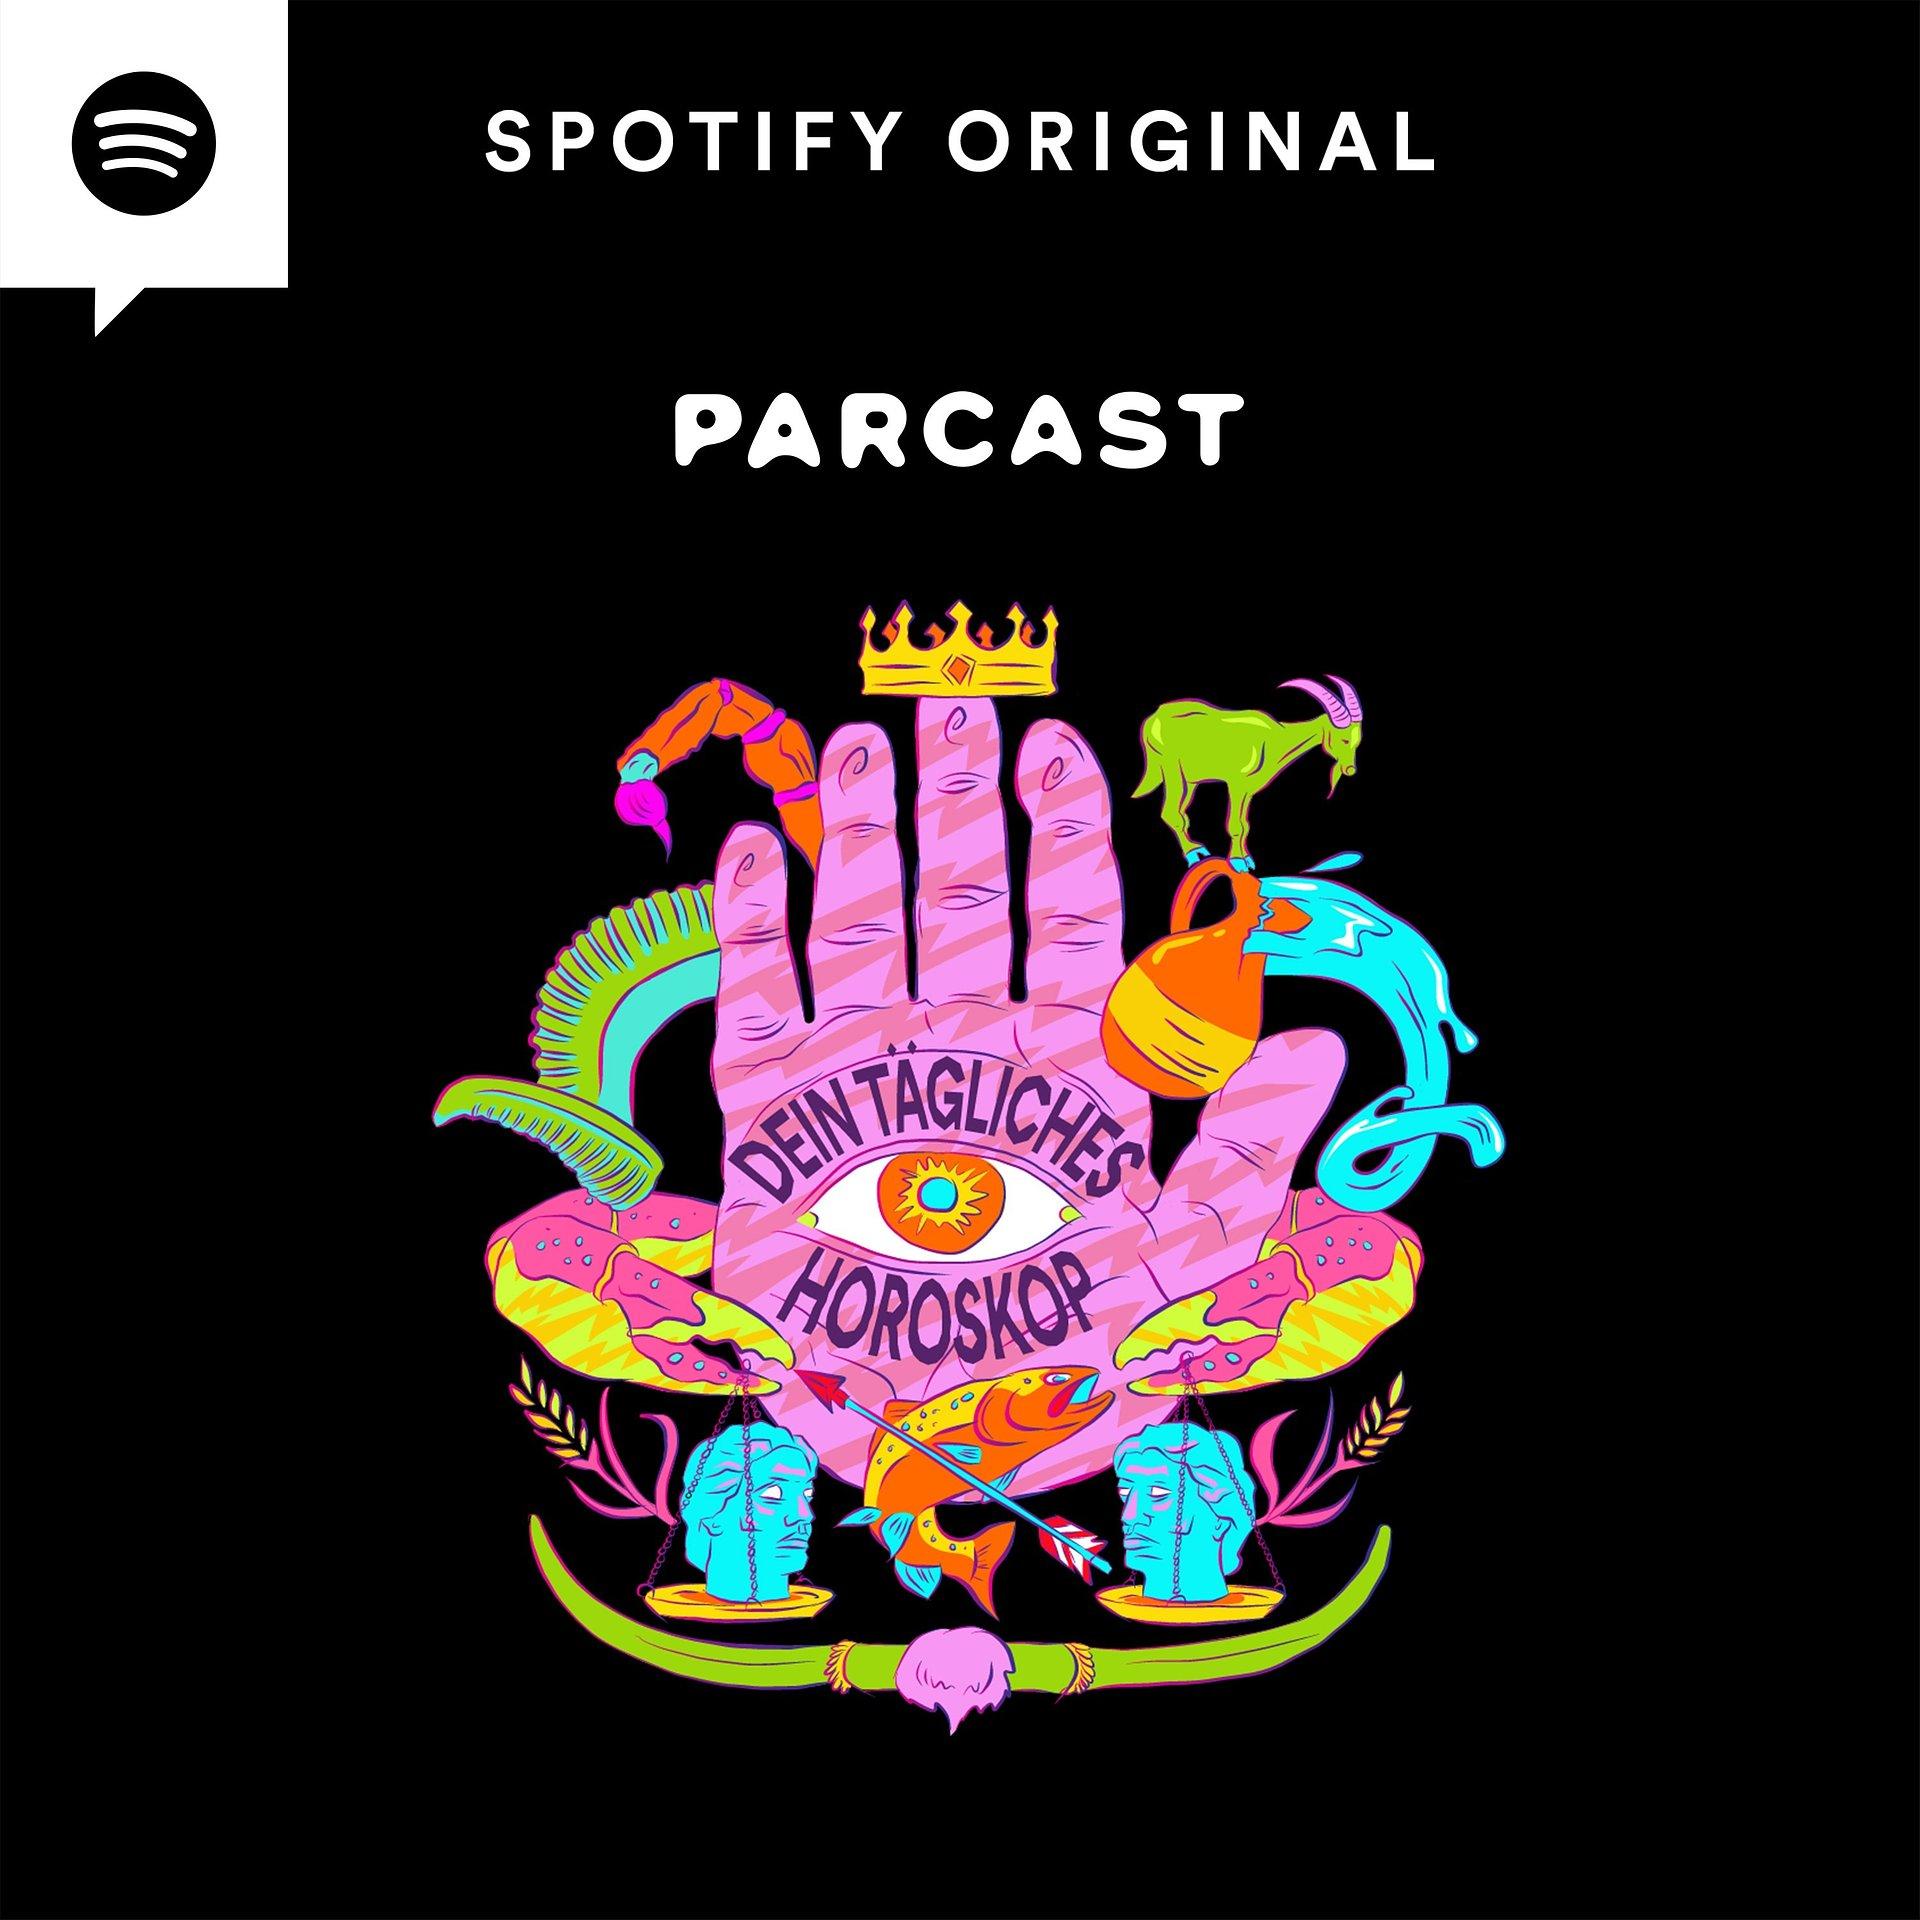 """Neuer Spotify Original Podcast """"Dein tägliches Horoskop"""" wirft einen Blick in die Sterne"""